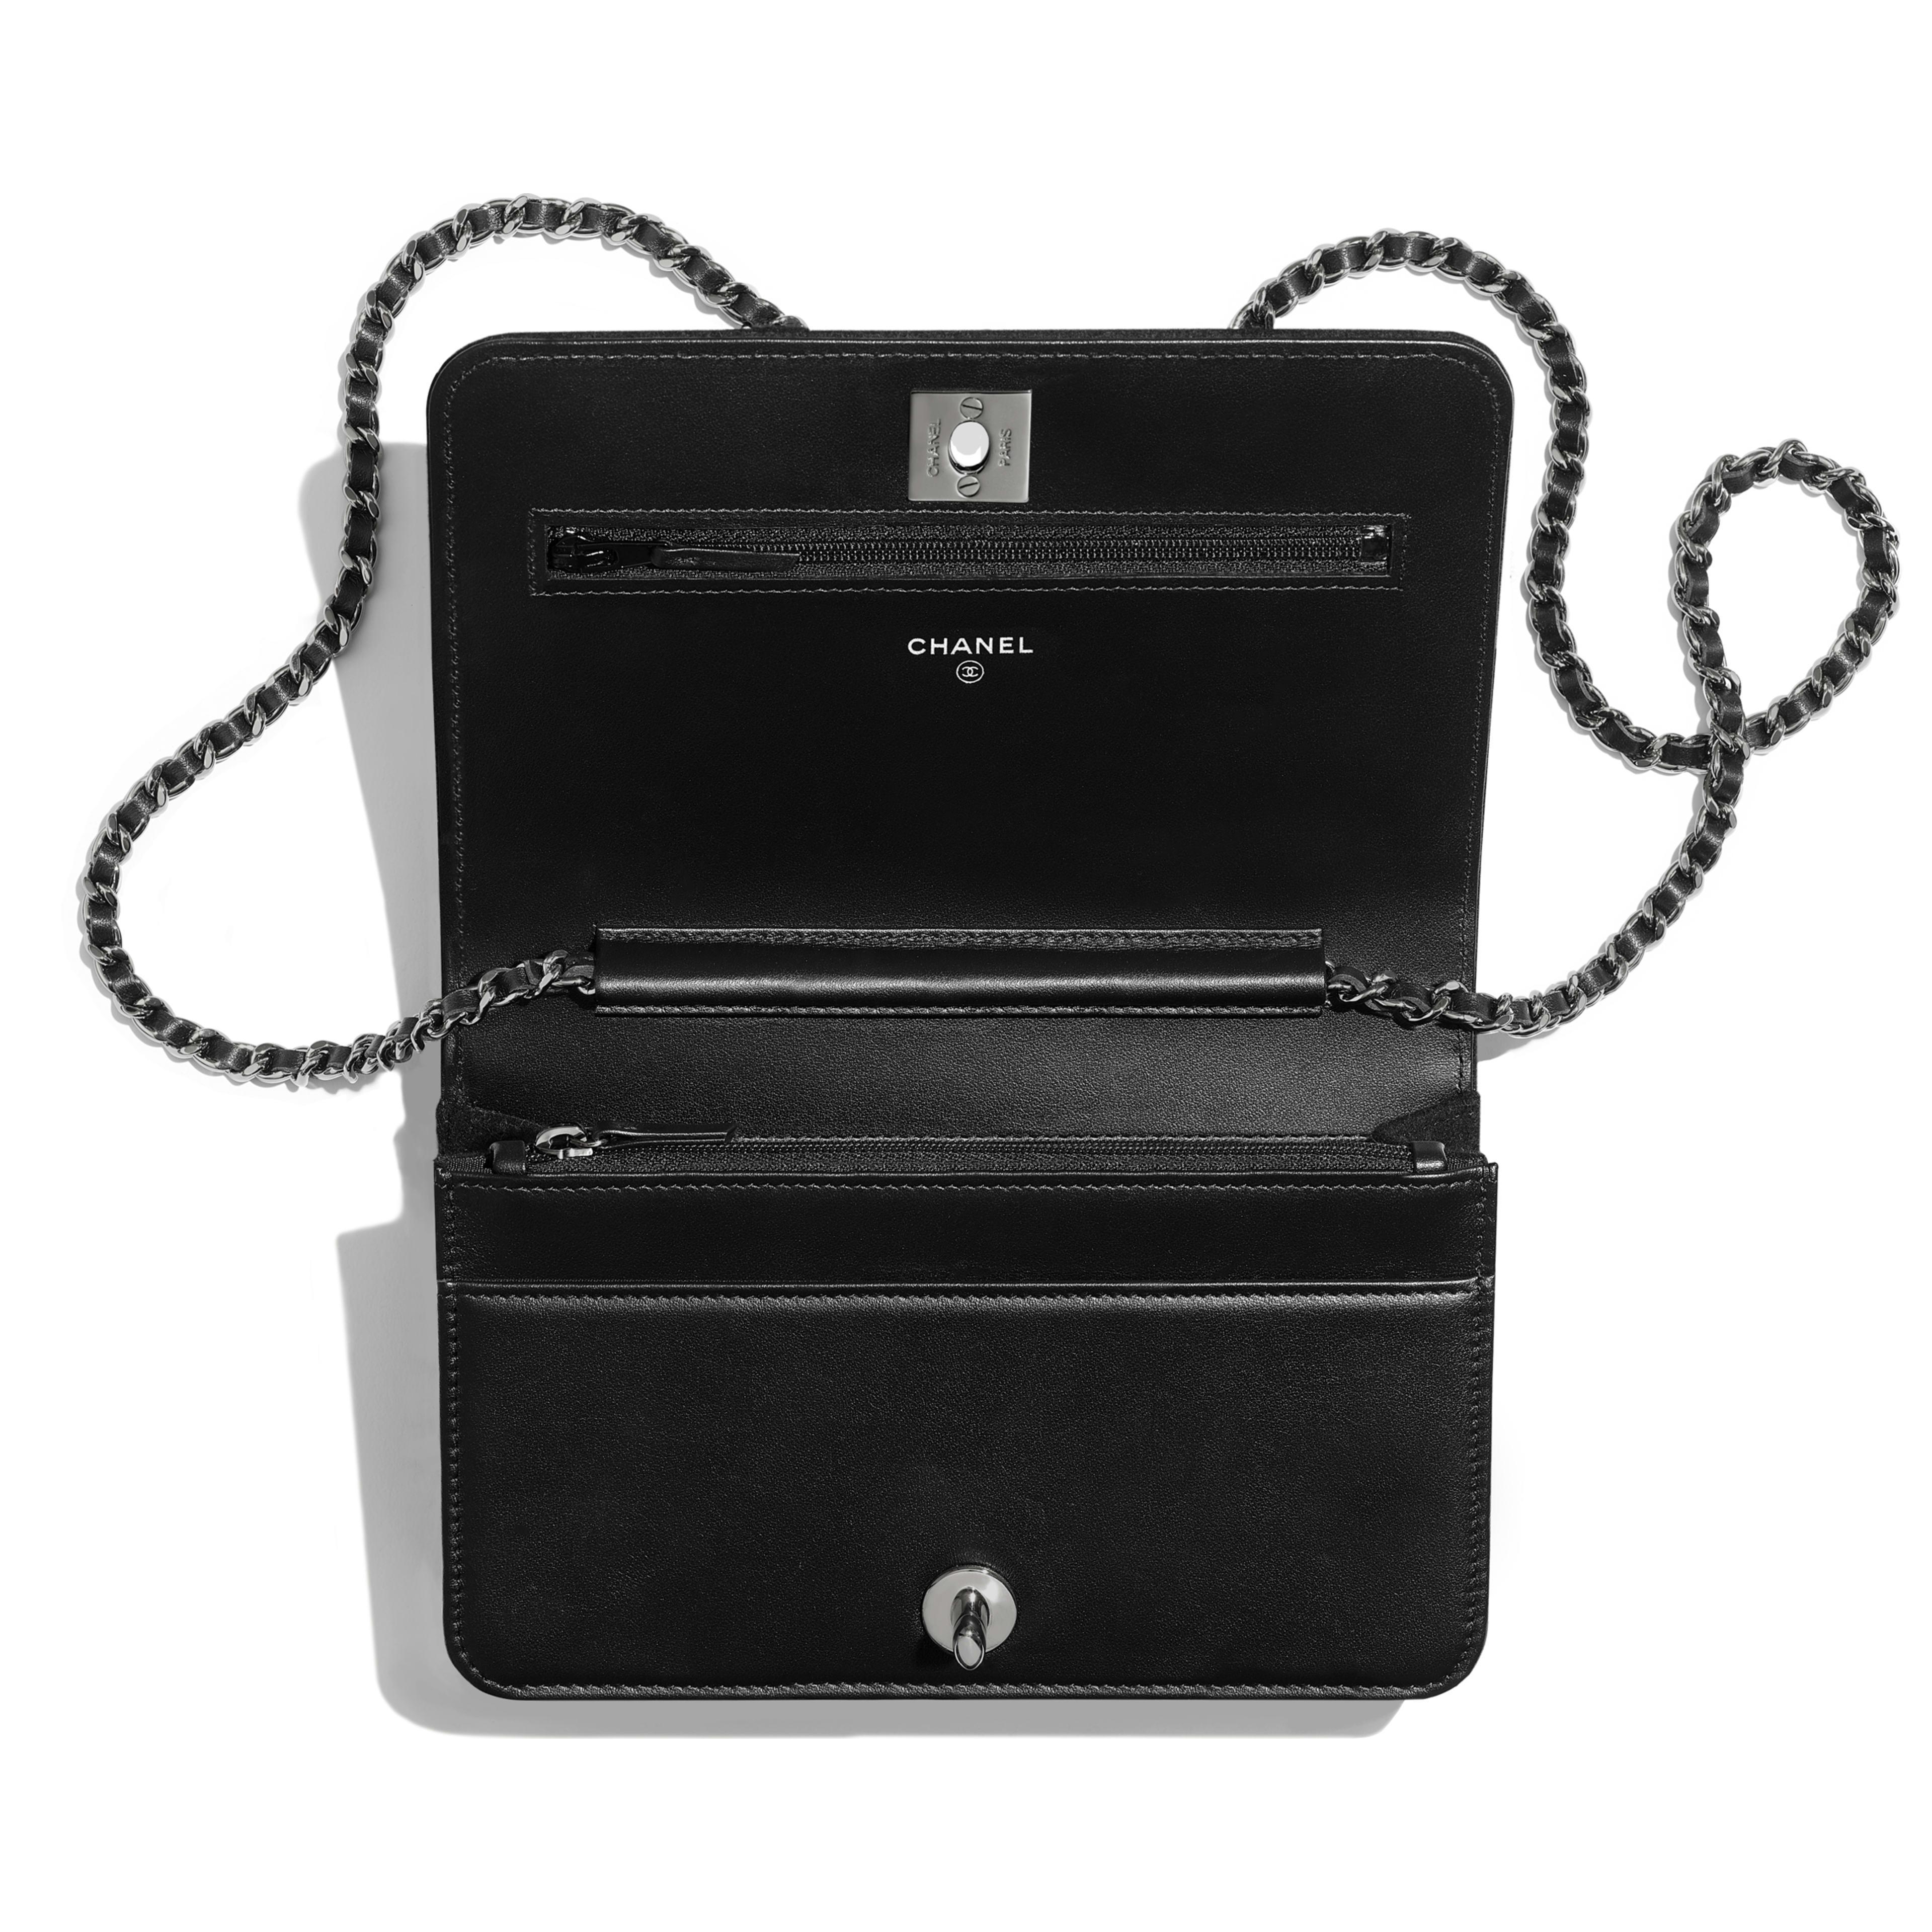 กระเป๋าสตางค์พร้อมสายโซ่ - สีเงินและสีดำ - เลื่อม ใยขนแกะ และโลหะเคลือบรูทีเนียม - มุมมองอื่น - ดูเวอร์ชันขนาดเต็ม